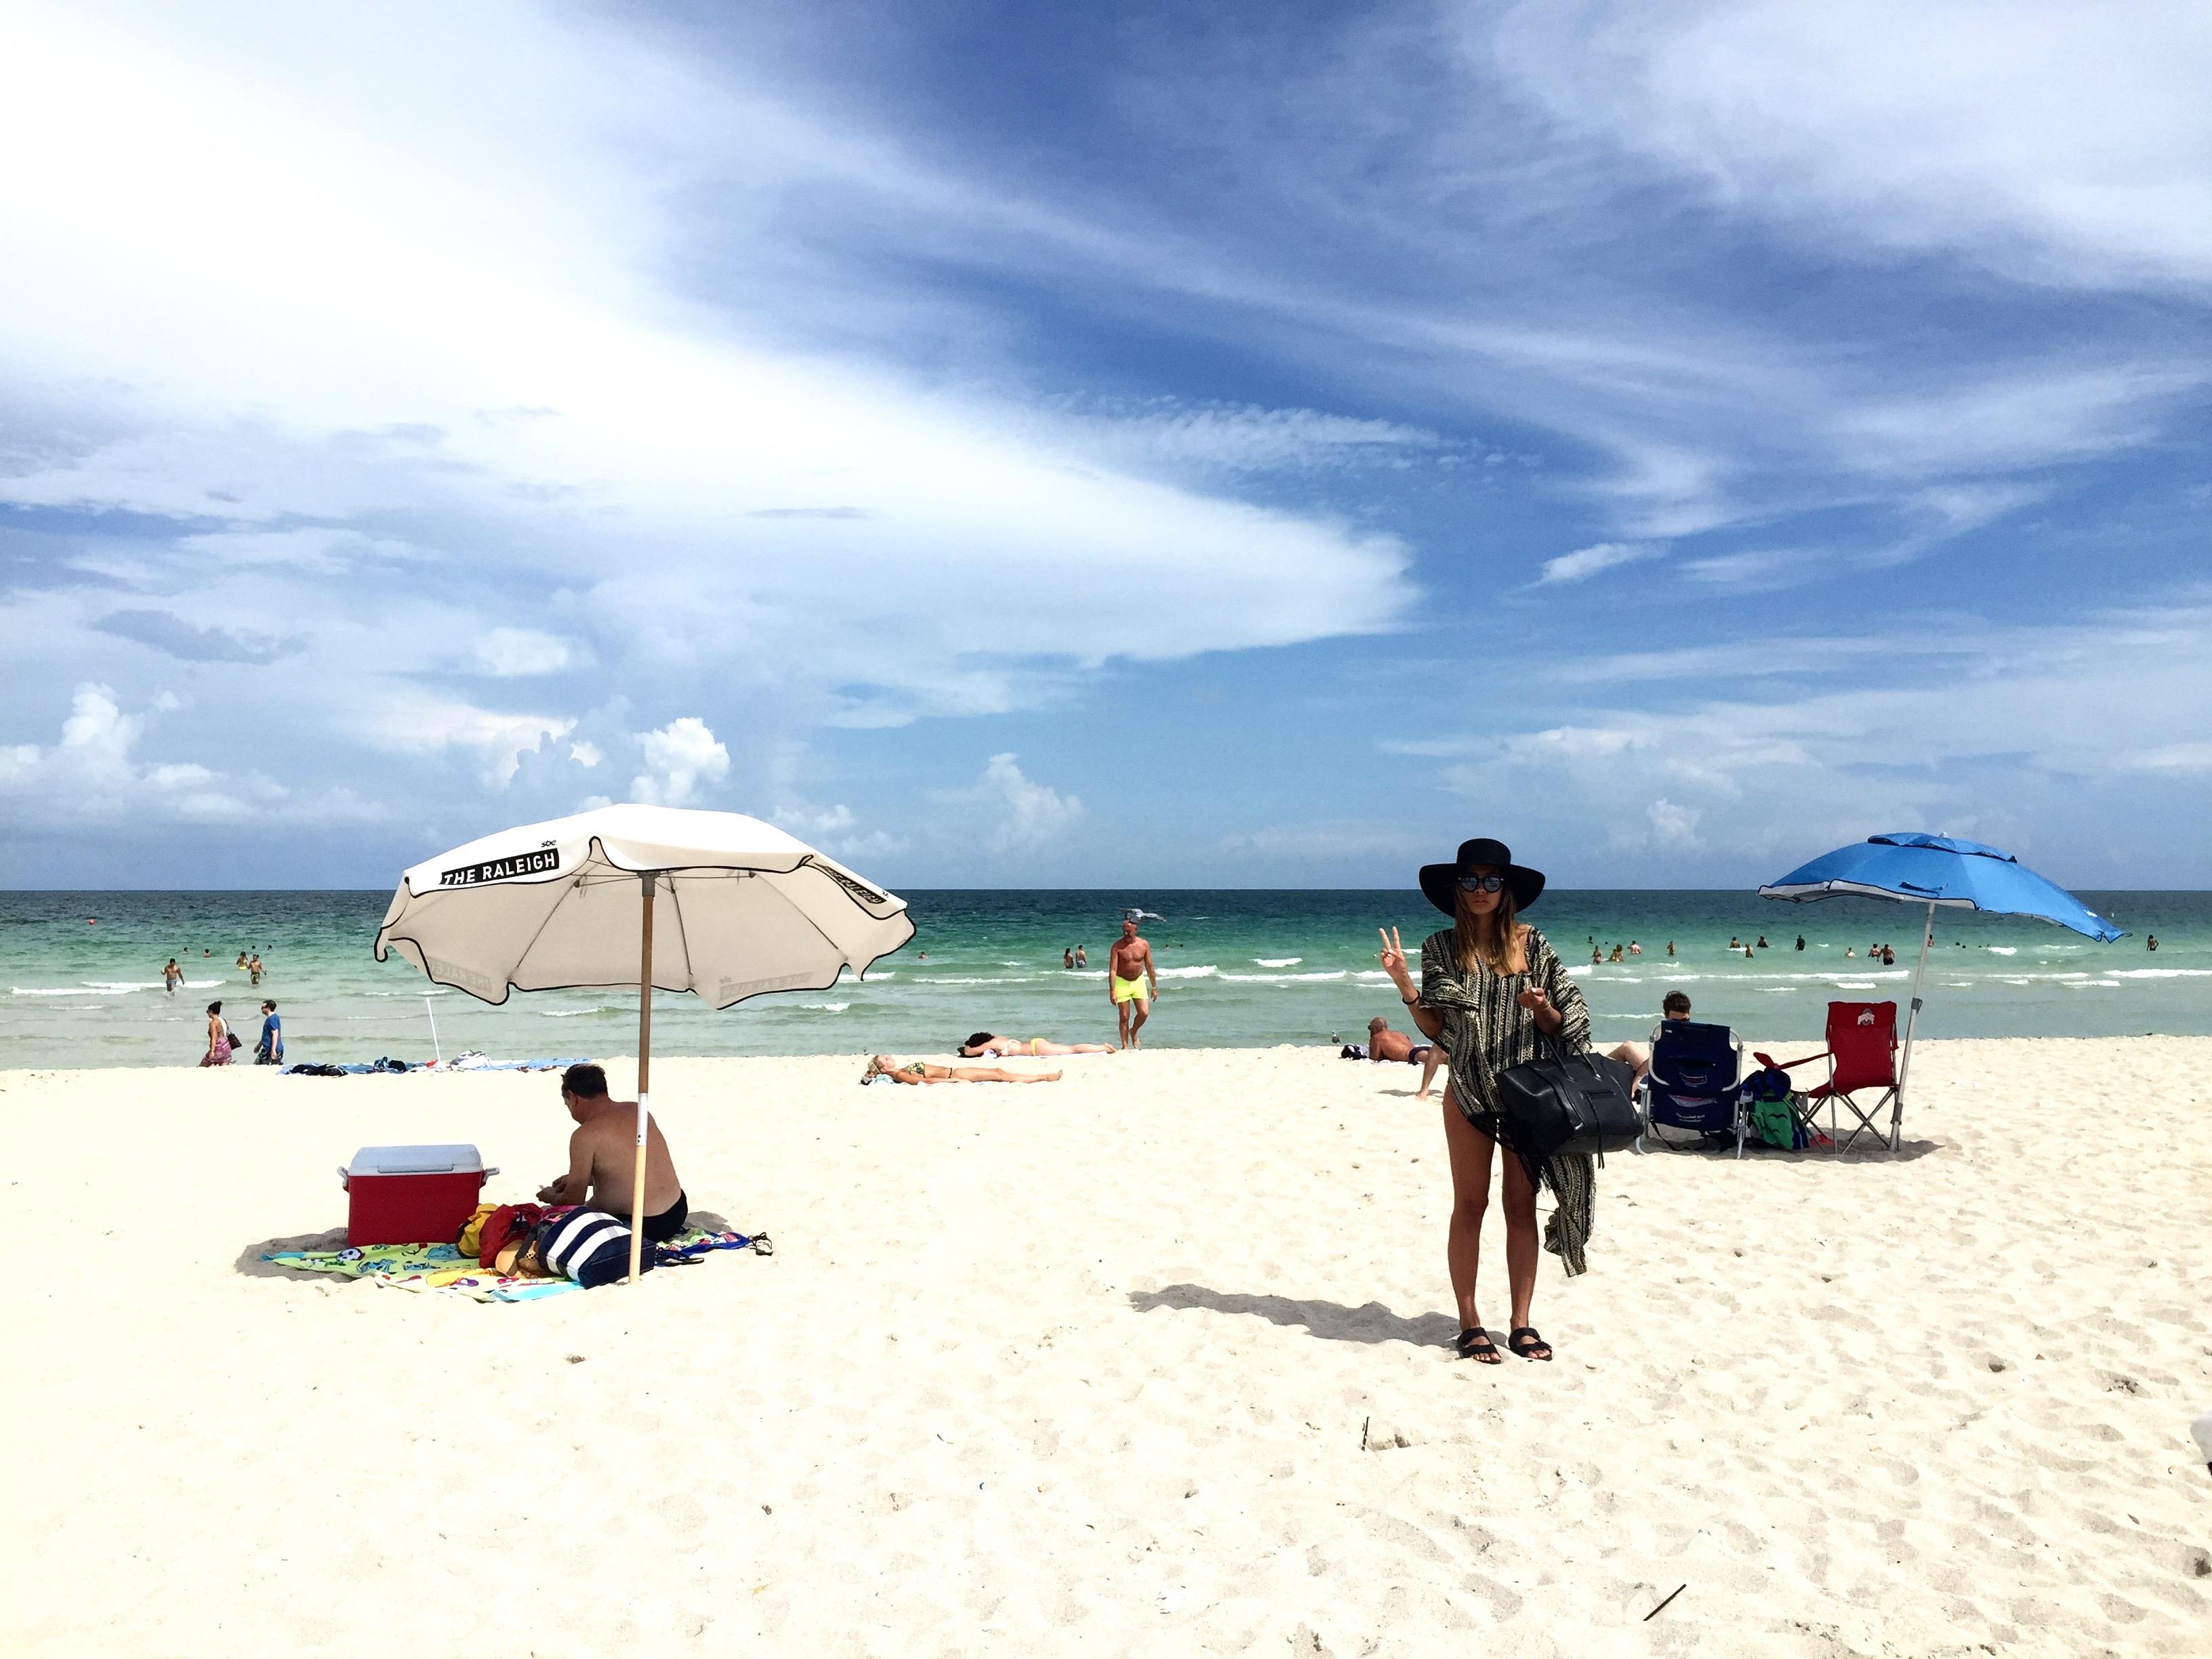 Huck in Miami